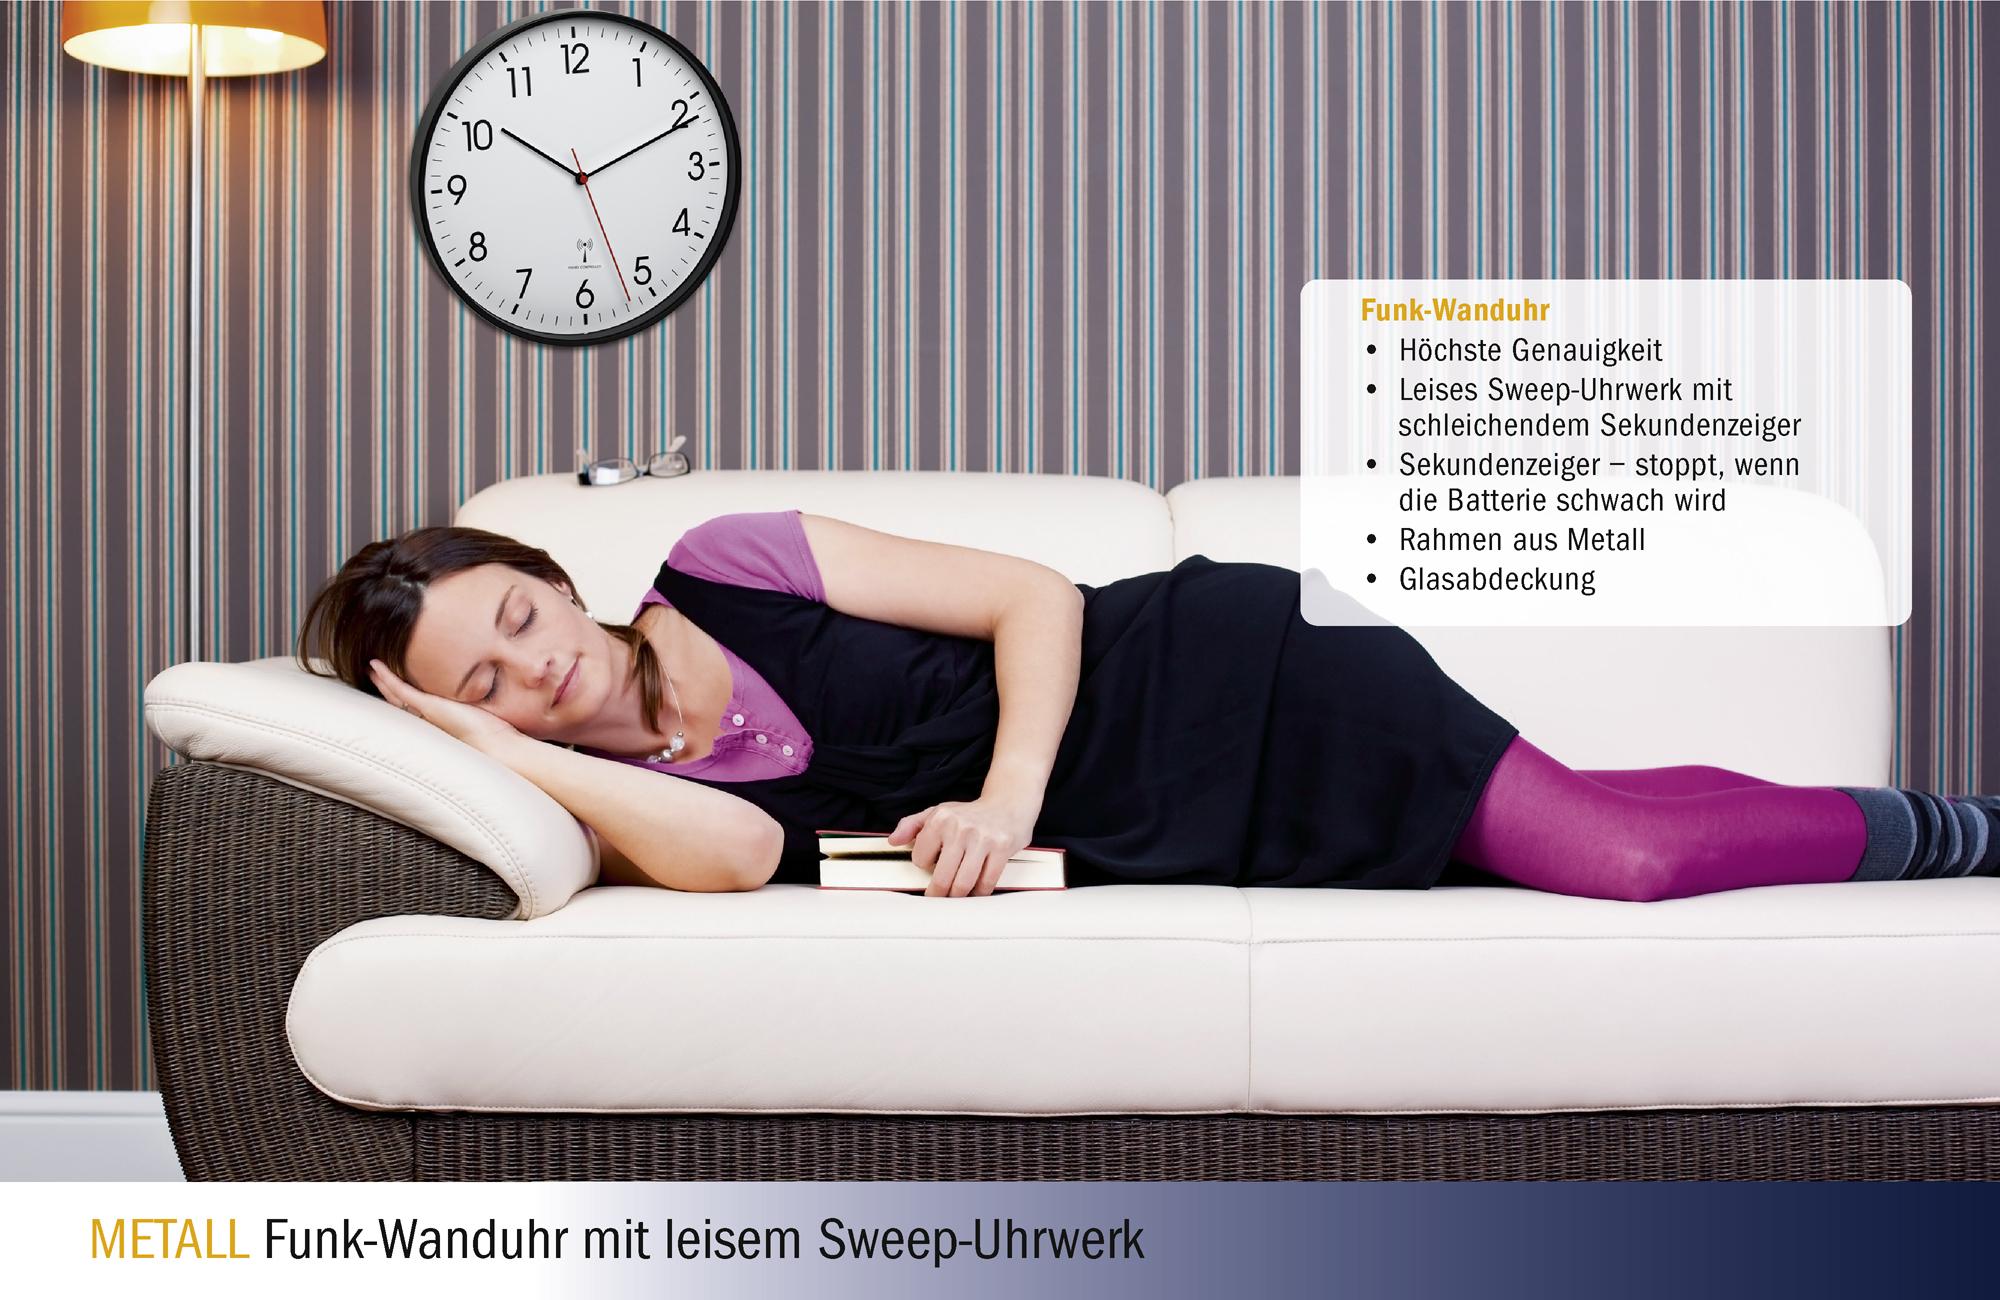 Funkuhr_Wanduhr_603537_Vorteile.jpg